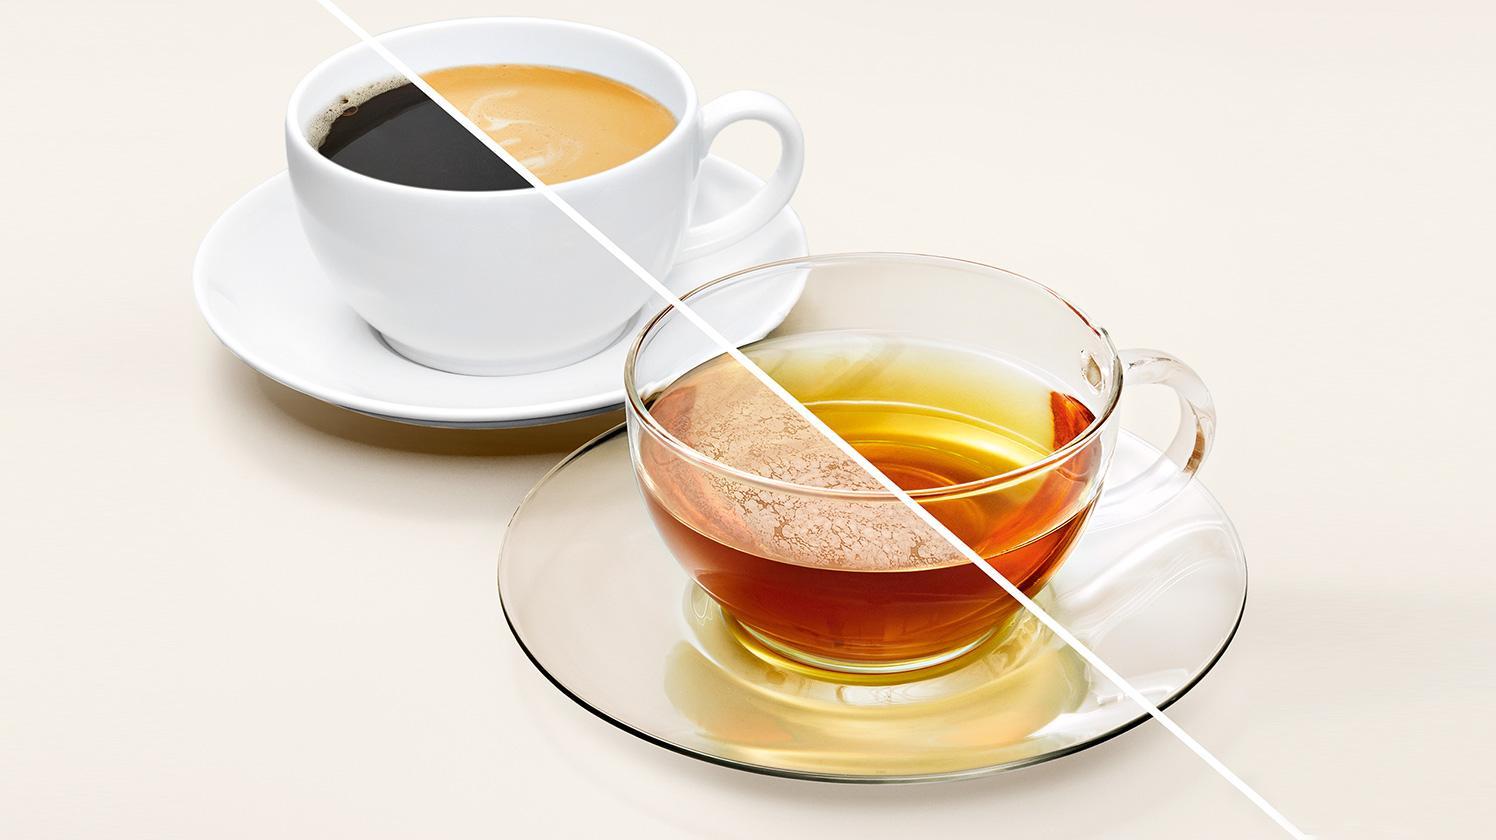 BRITA filtros y cartuchos MAXTRA+ sabor café